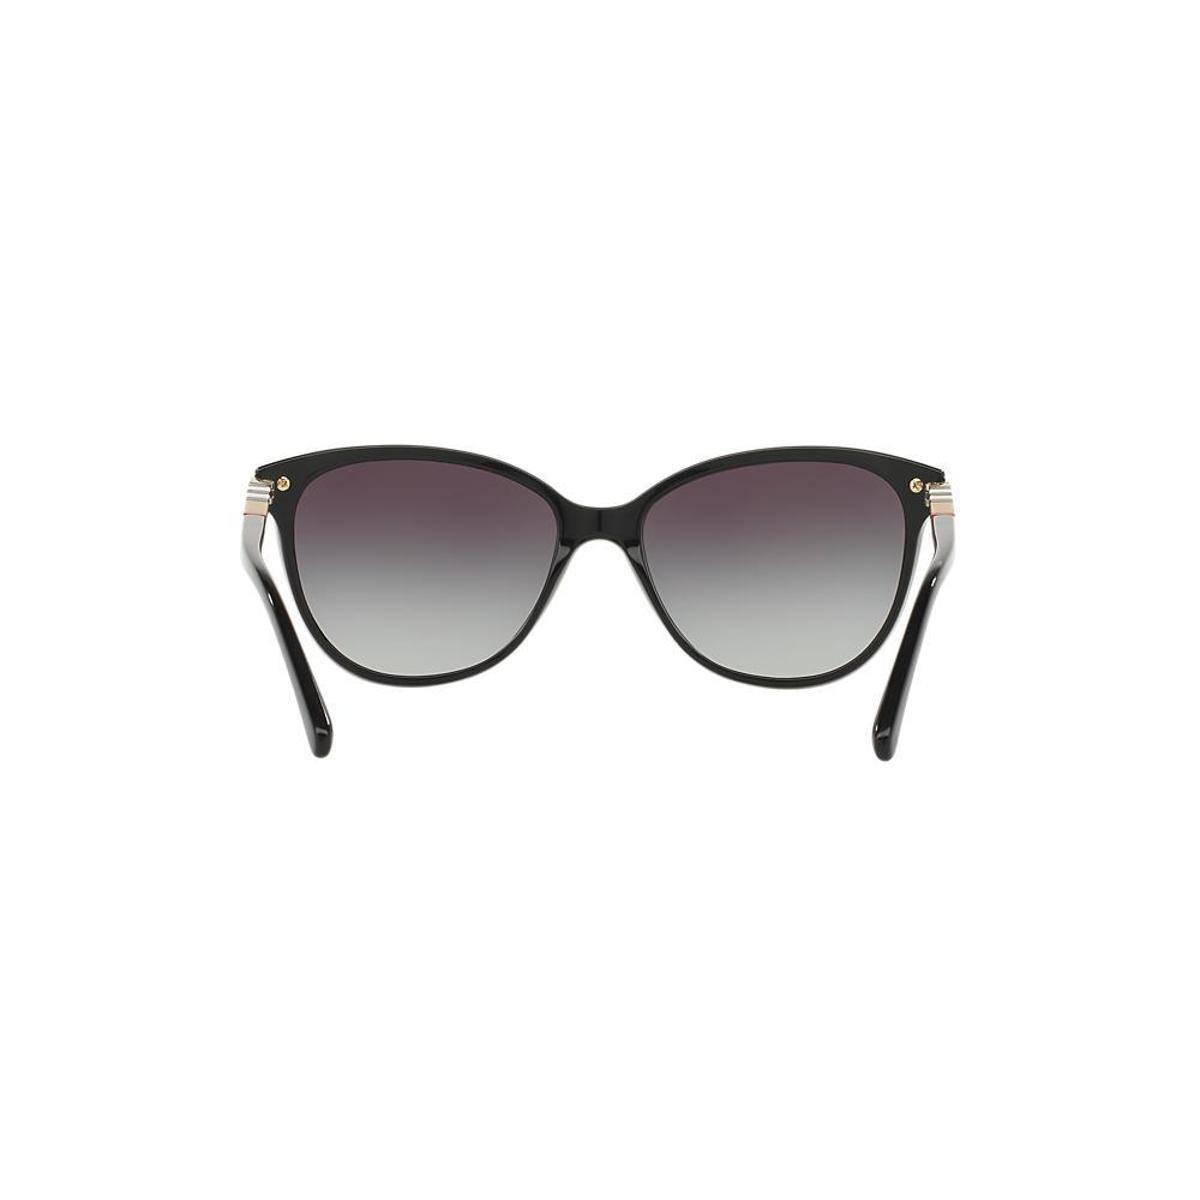 Óculos de Sol Burberry Gatinho BE4216 Feminino - Compre Agora   Zattini 0df93dcbfe